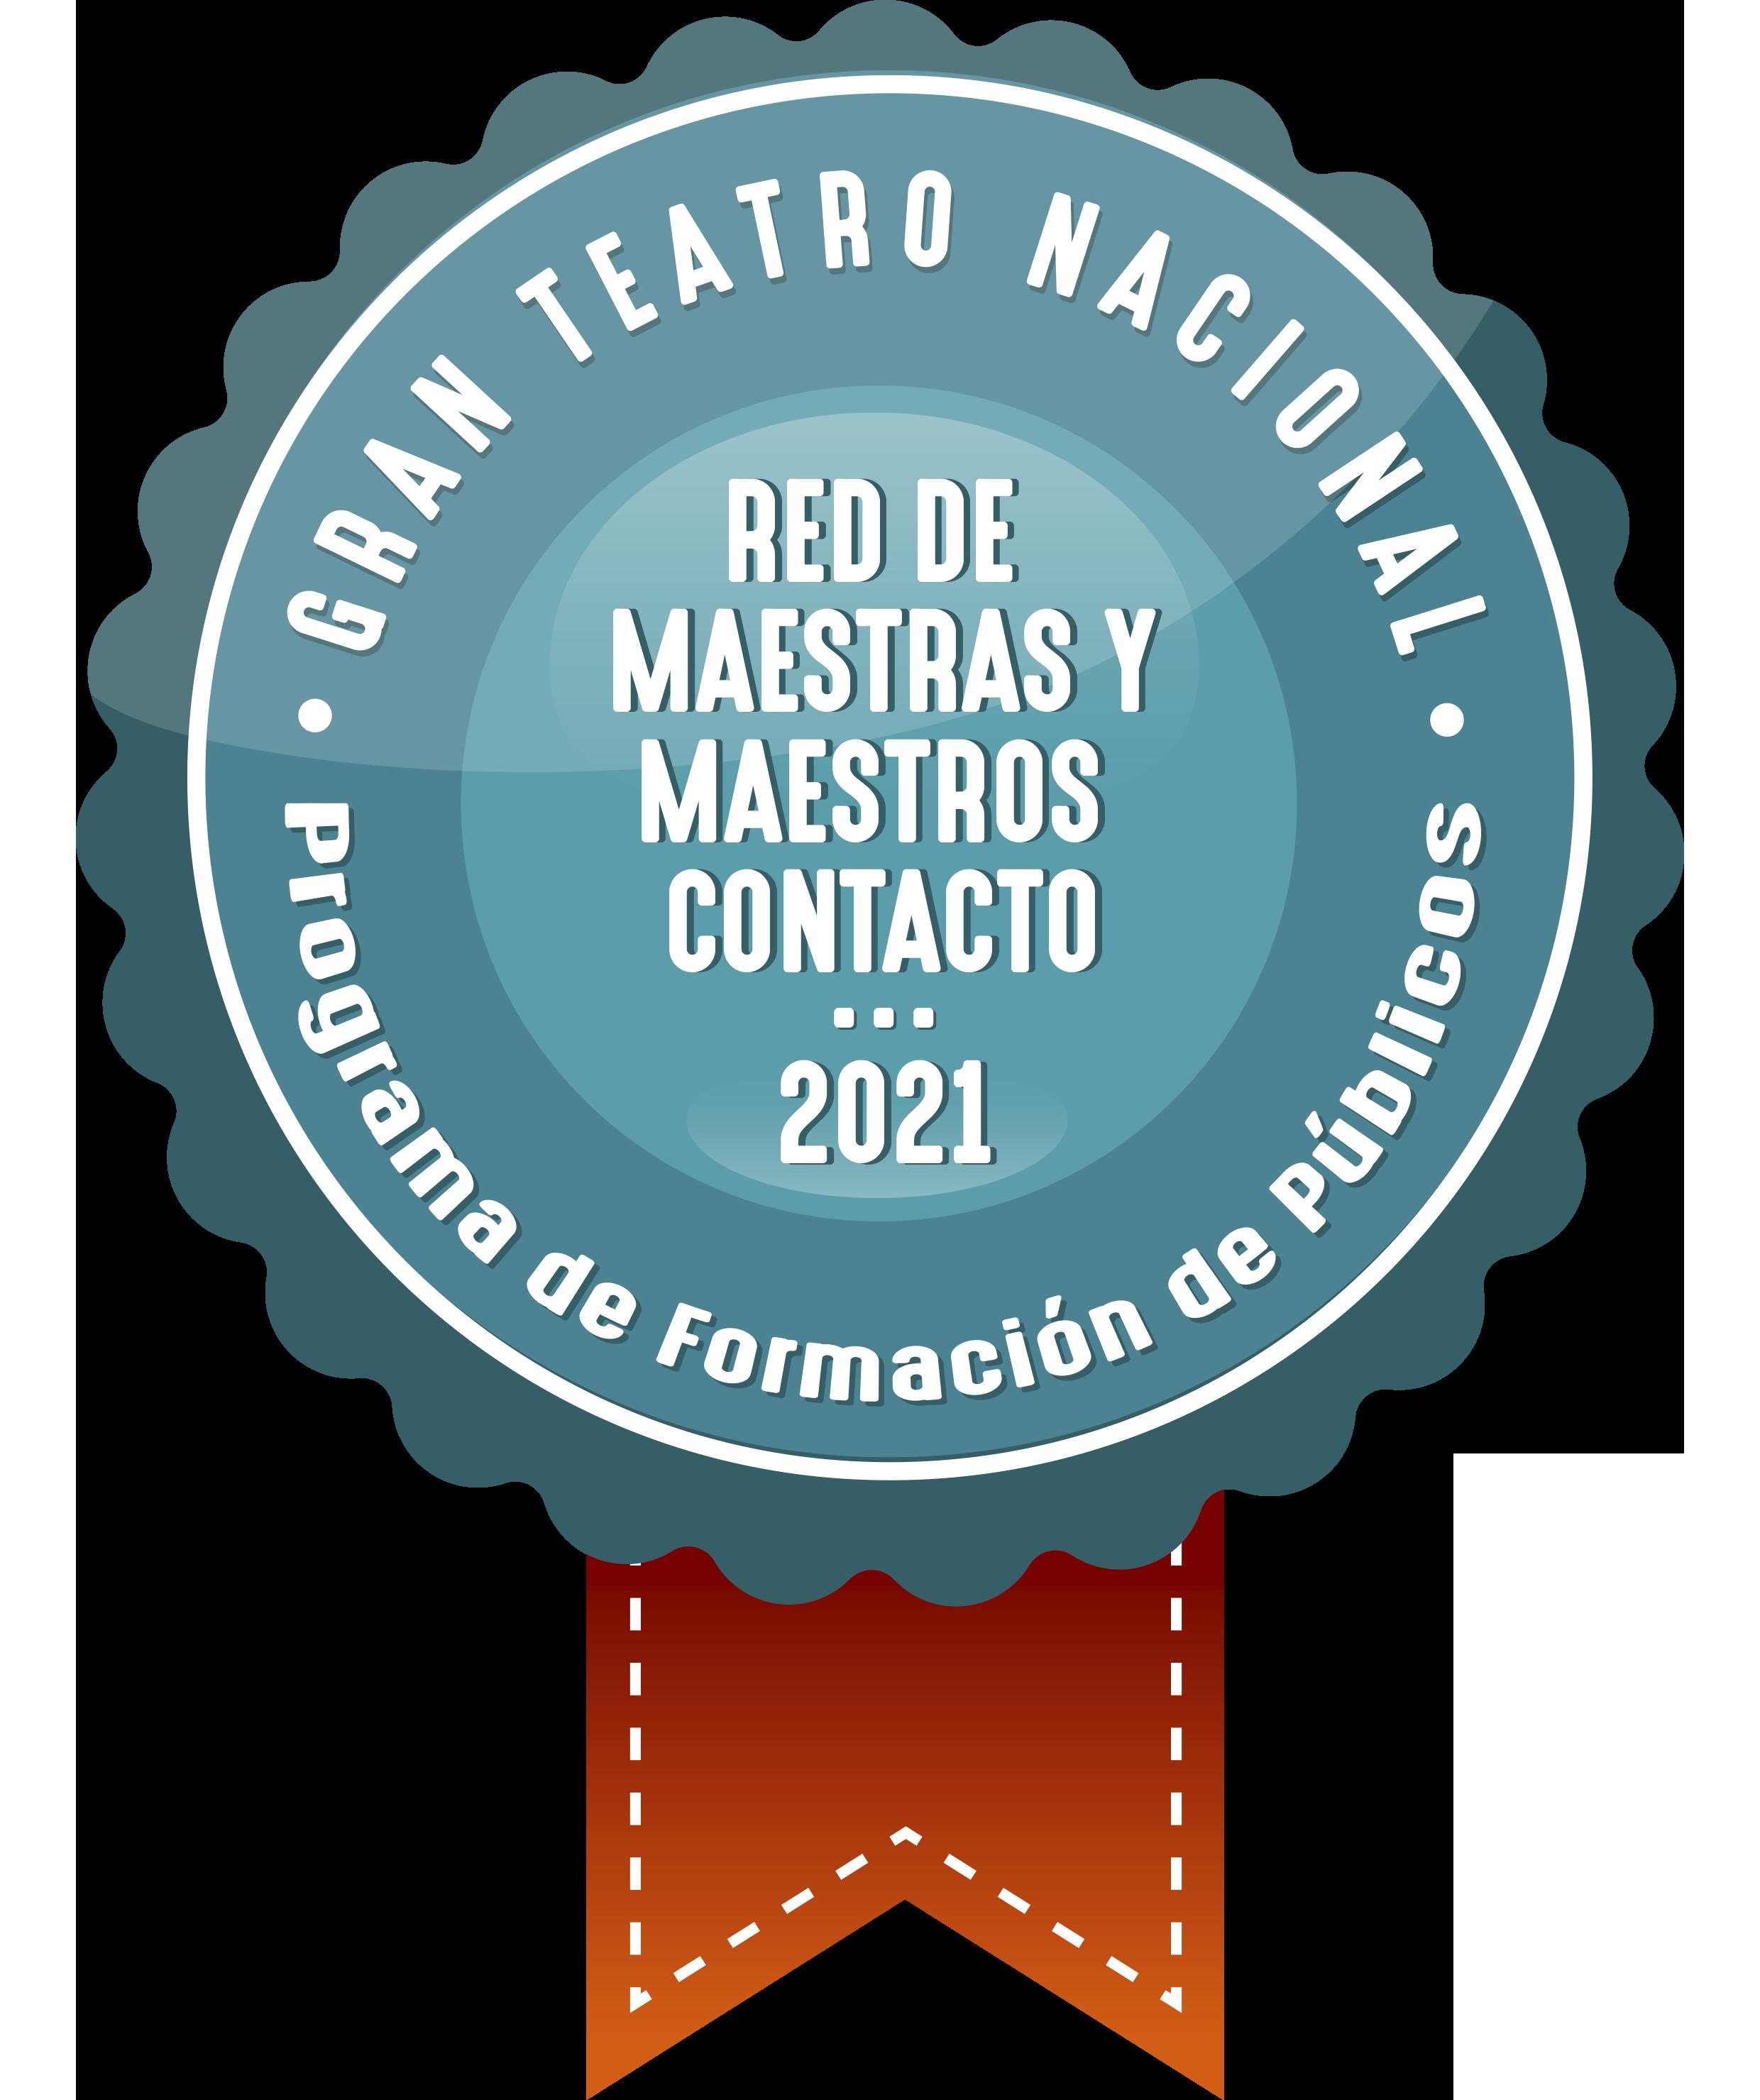 Programa de Formación de Públicos: Red de Maestras y Maestros Contacto